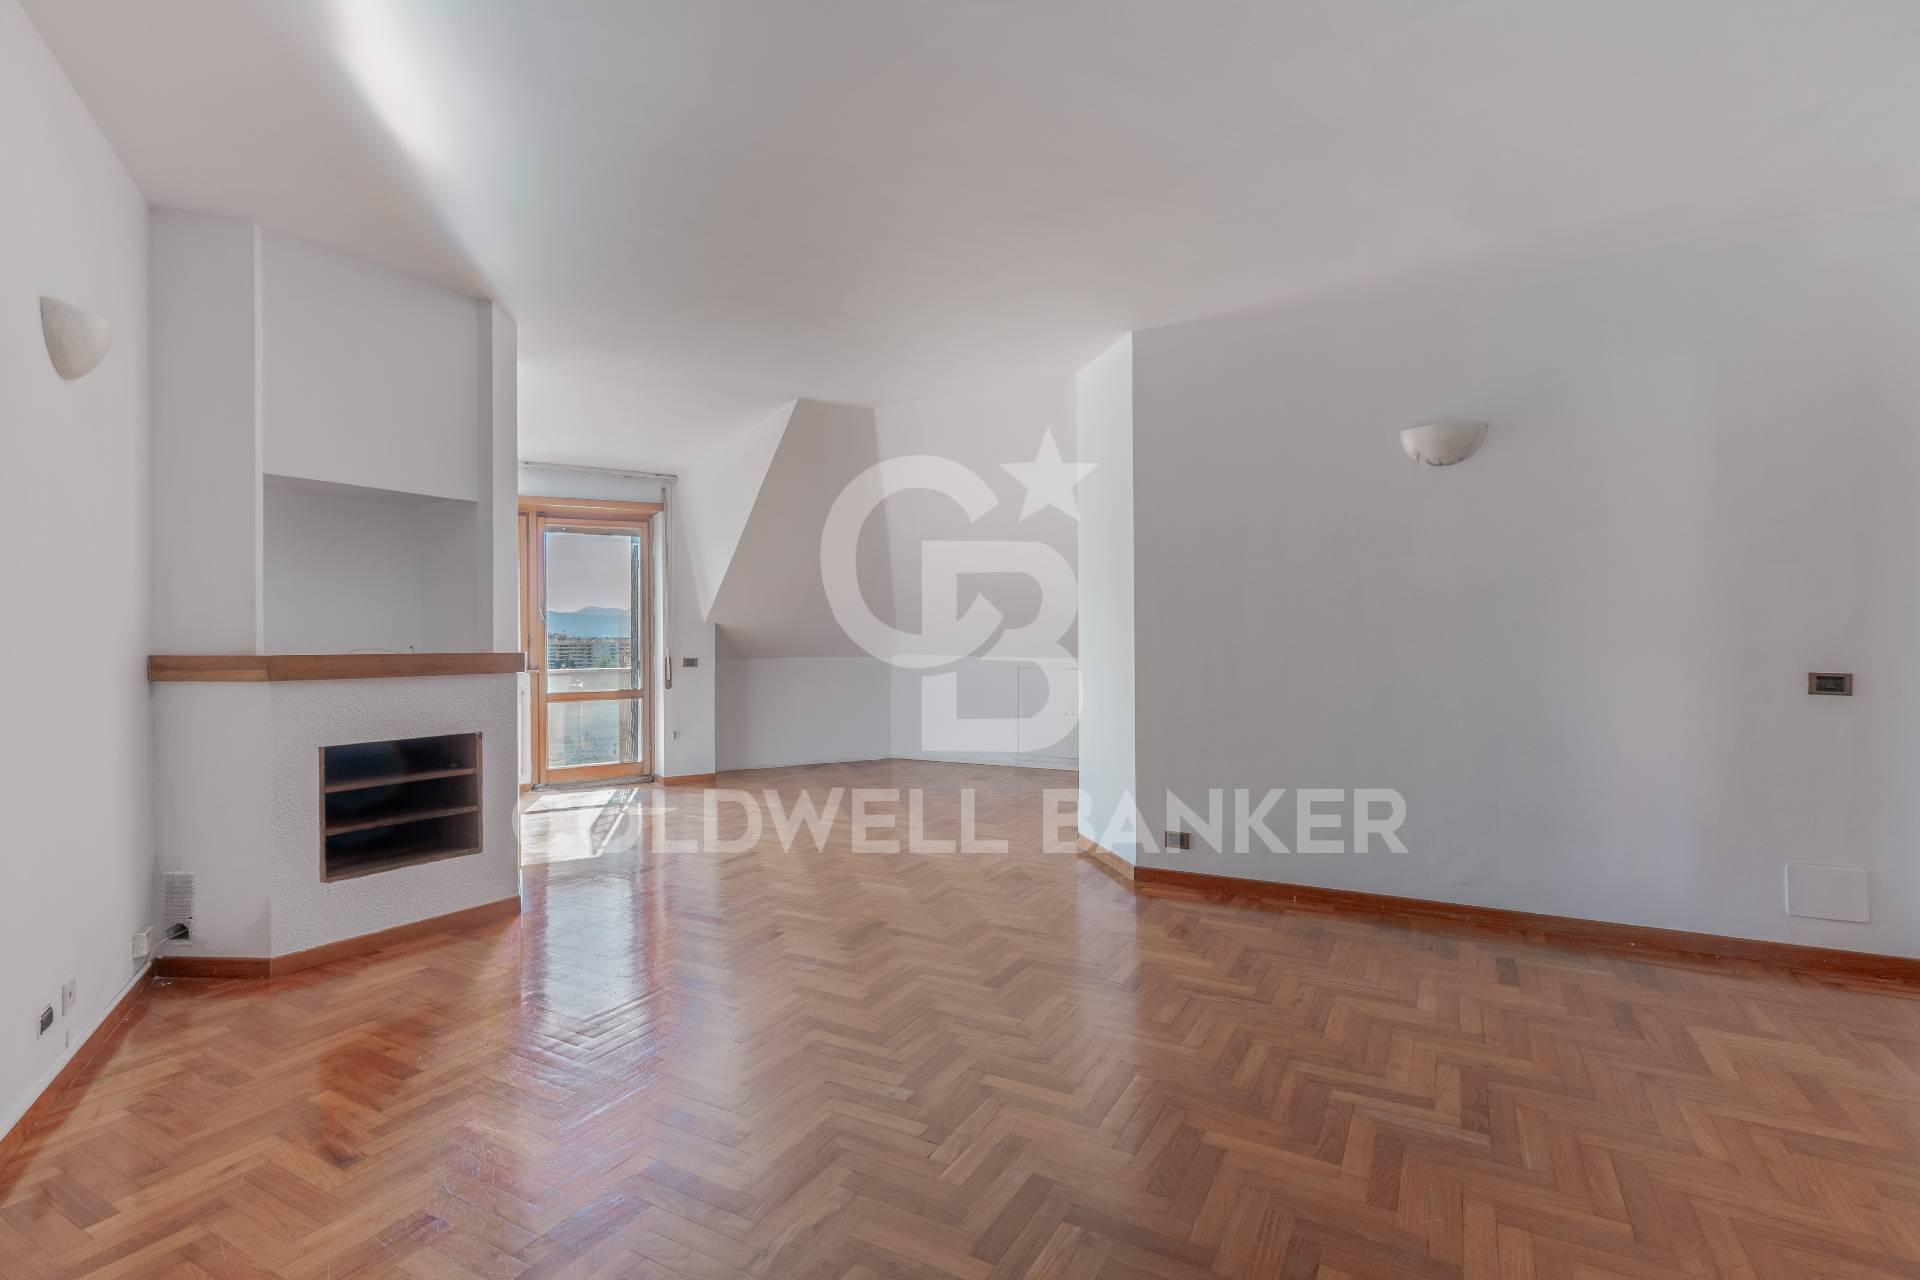 Appartamento in vendita a Roma, 5 locali, zona Zona: 5 . Montesacro - Talenti, prezzo € 330.000   CambioCasa.it